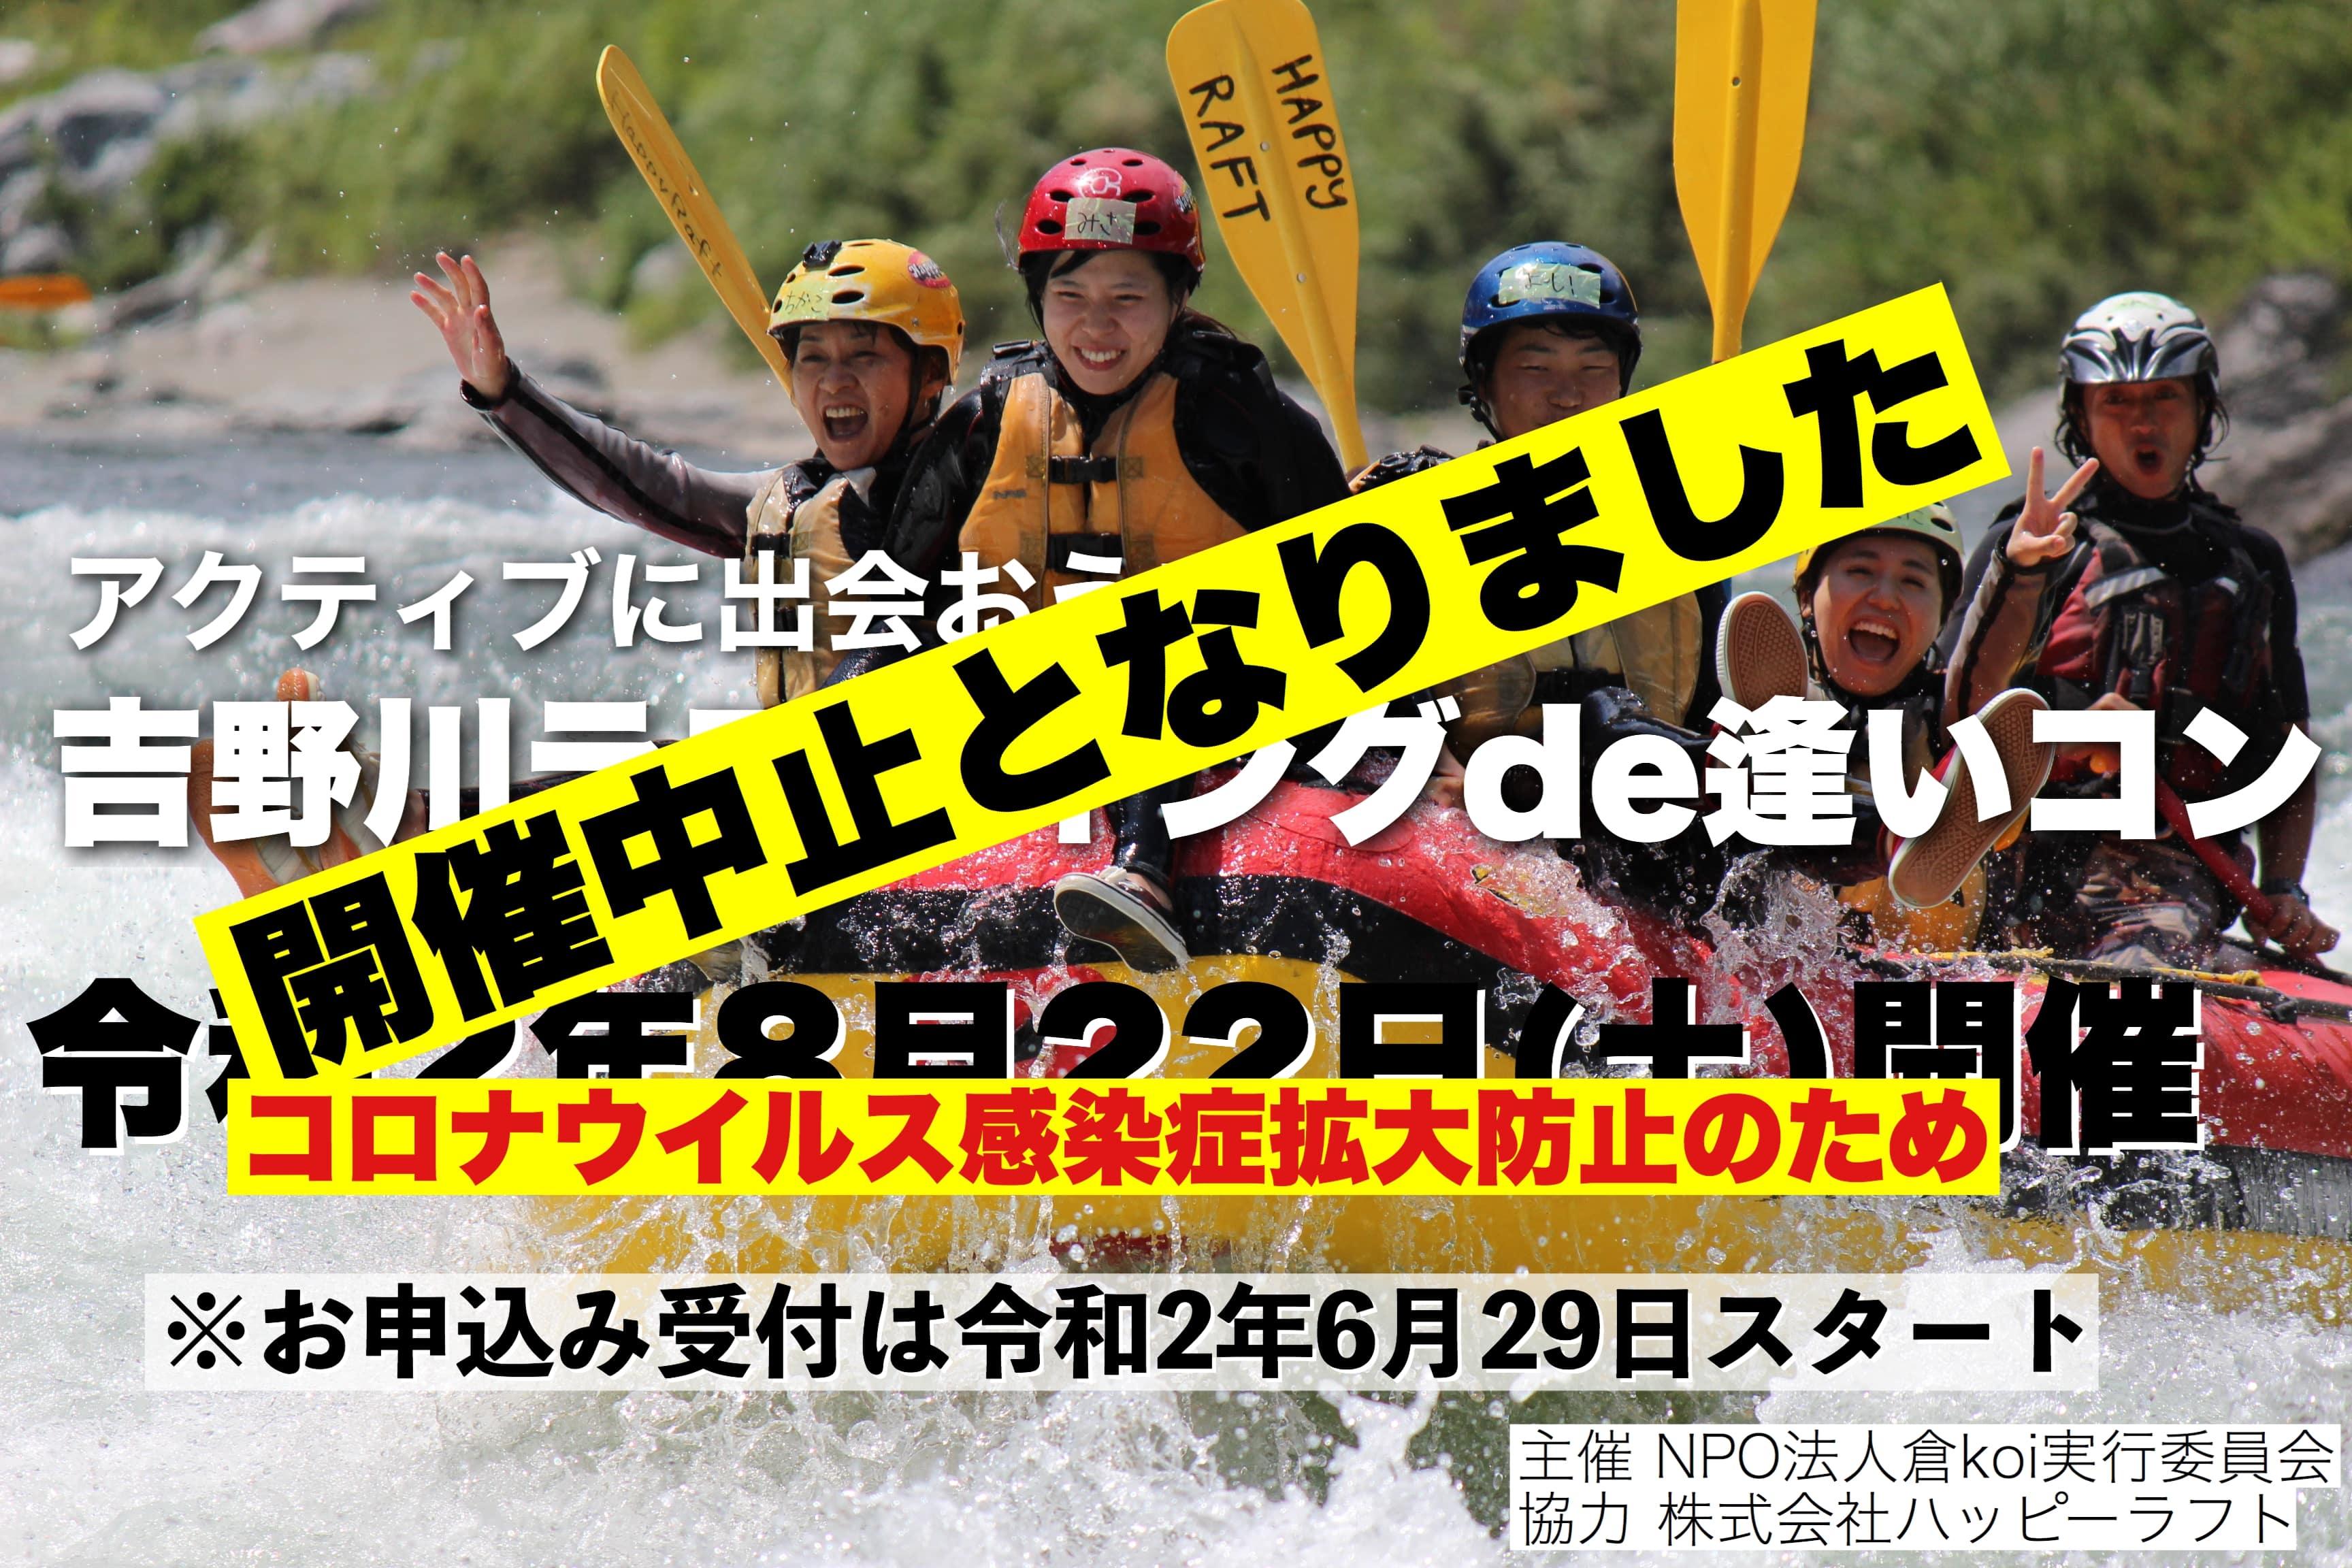 8月22日(土)吉野川ラフティングde逢いコン     ※開催中止